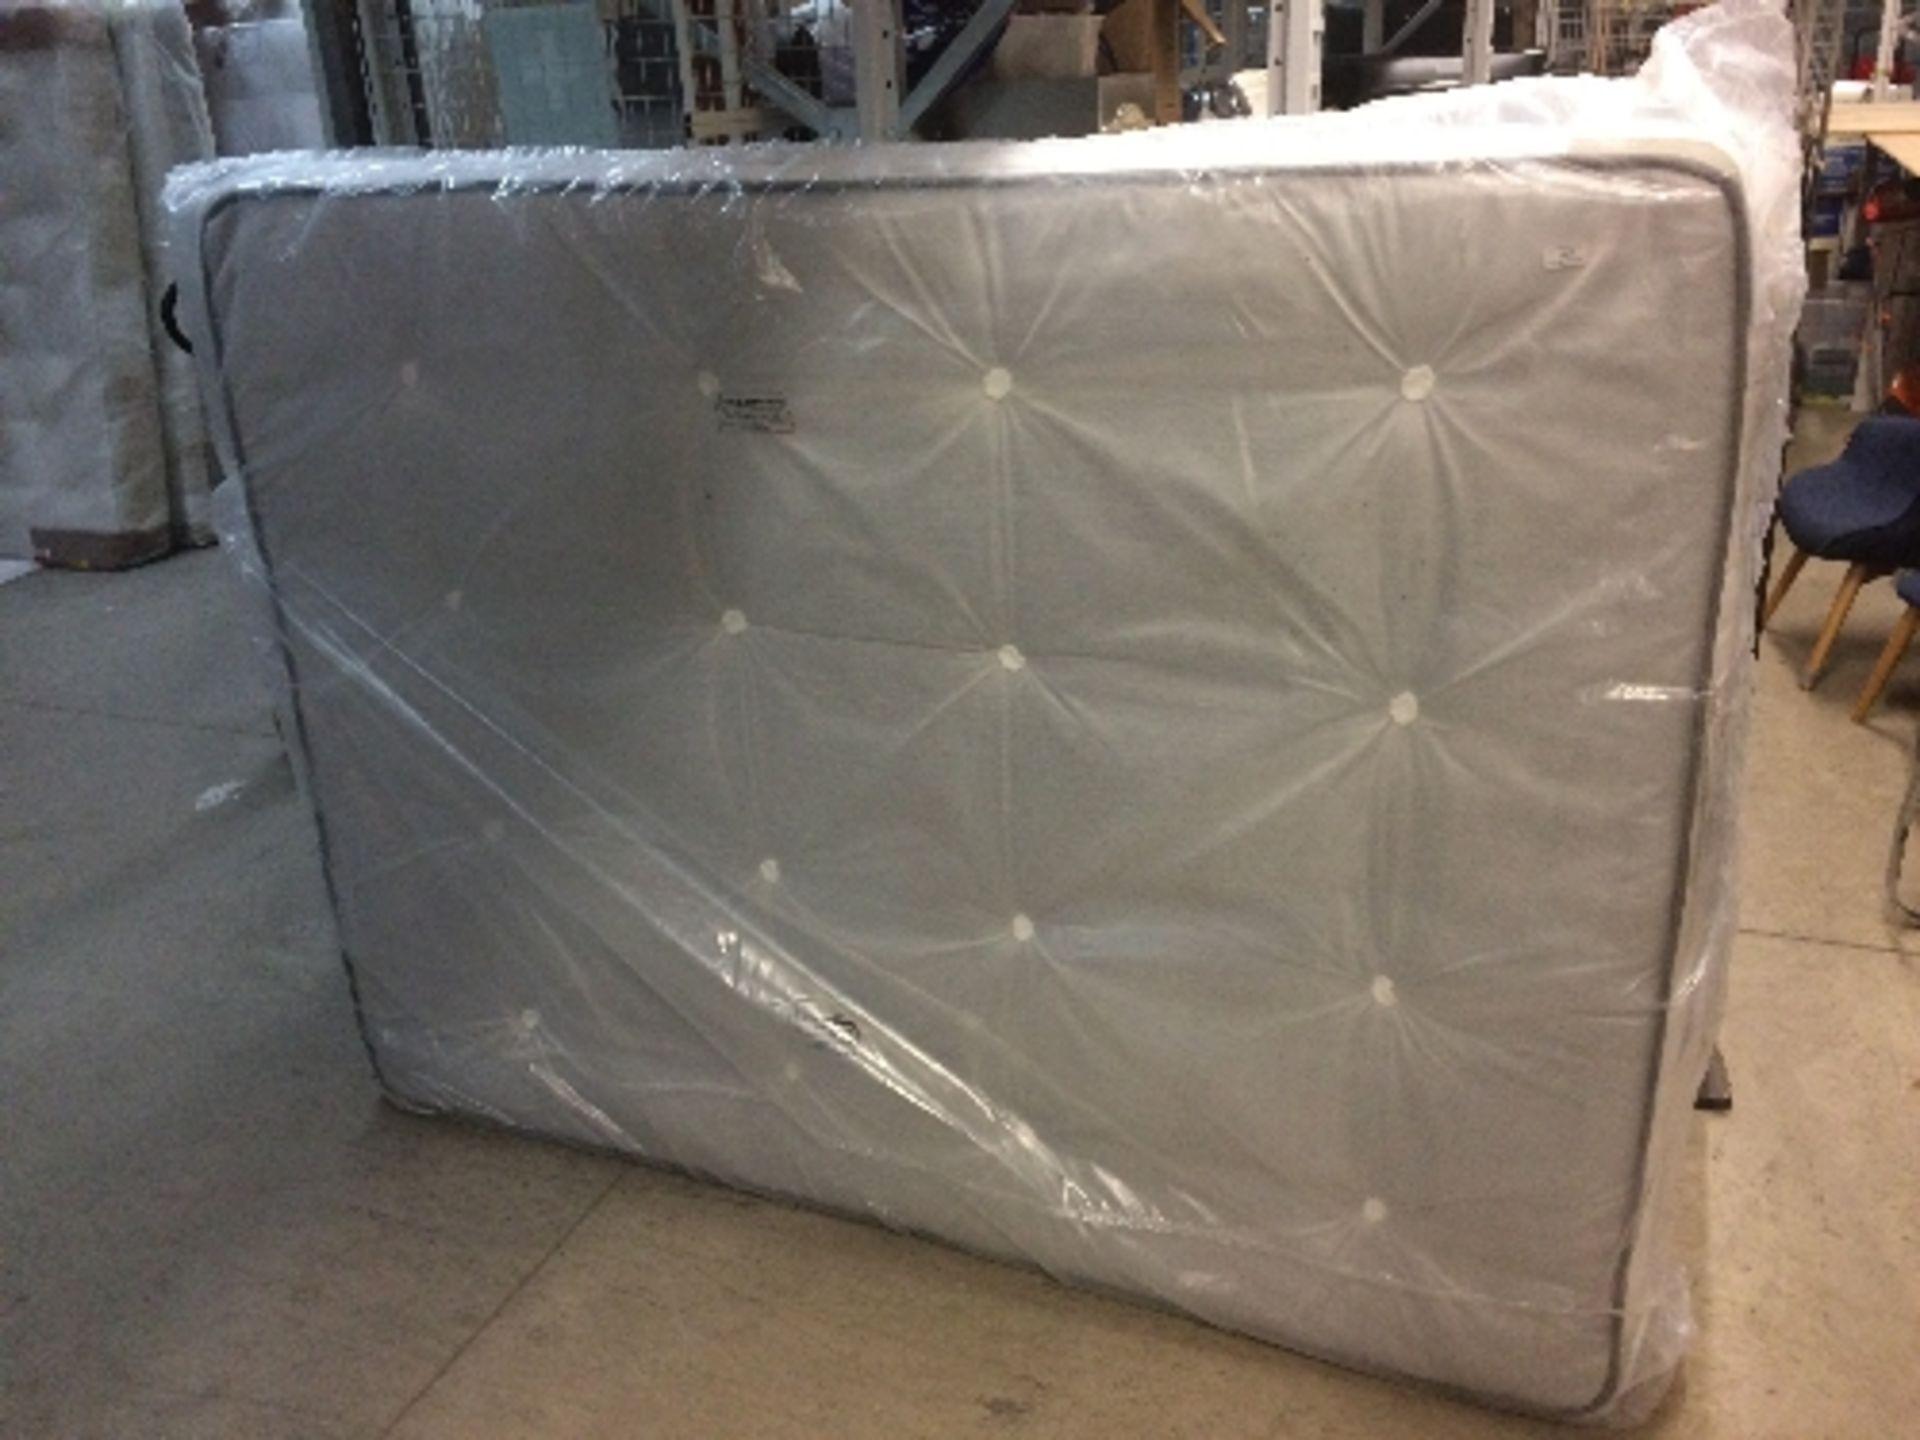 Lot 12 - Pillow Top Pocket 1000 Geltex Mattress 5ft by Silentnight